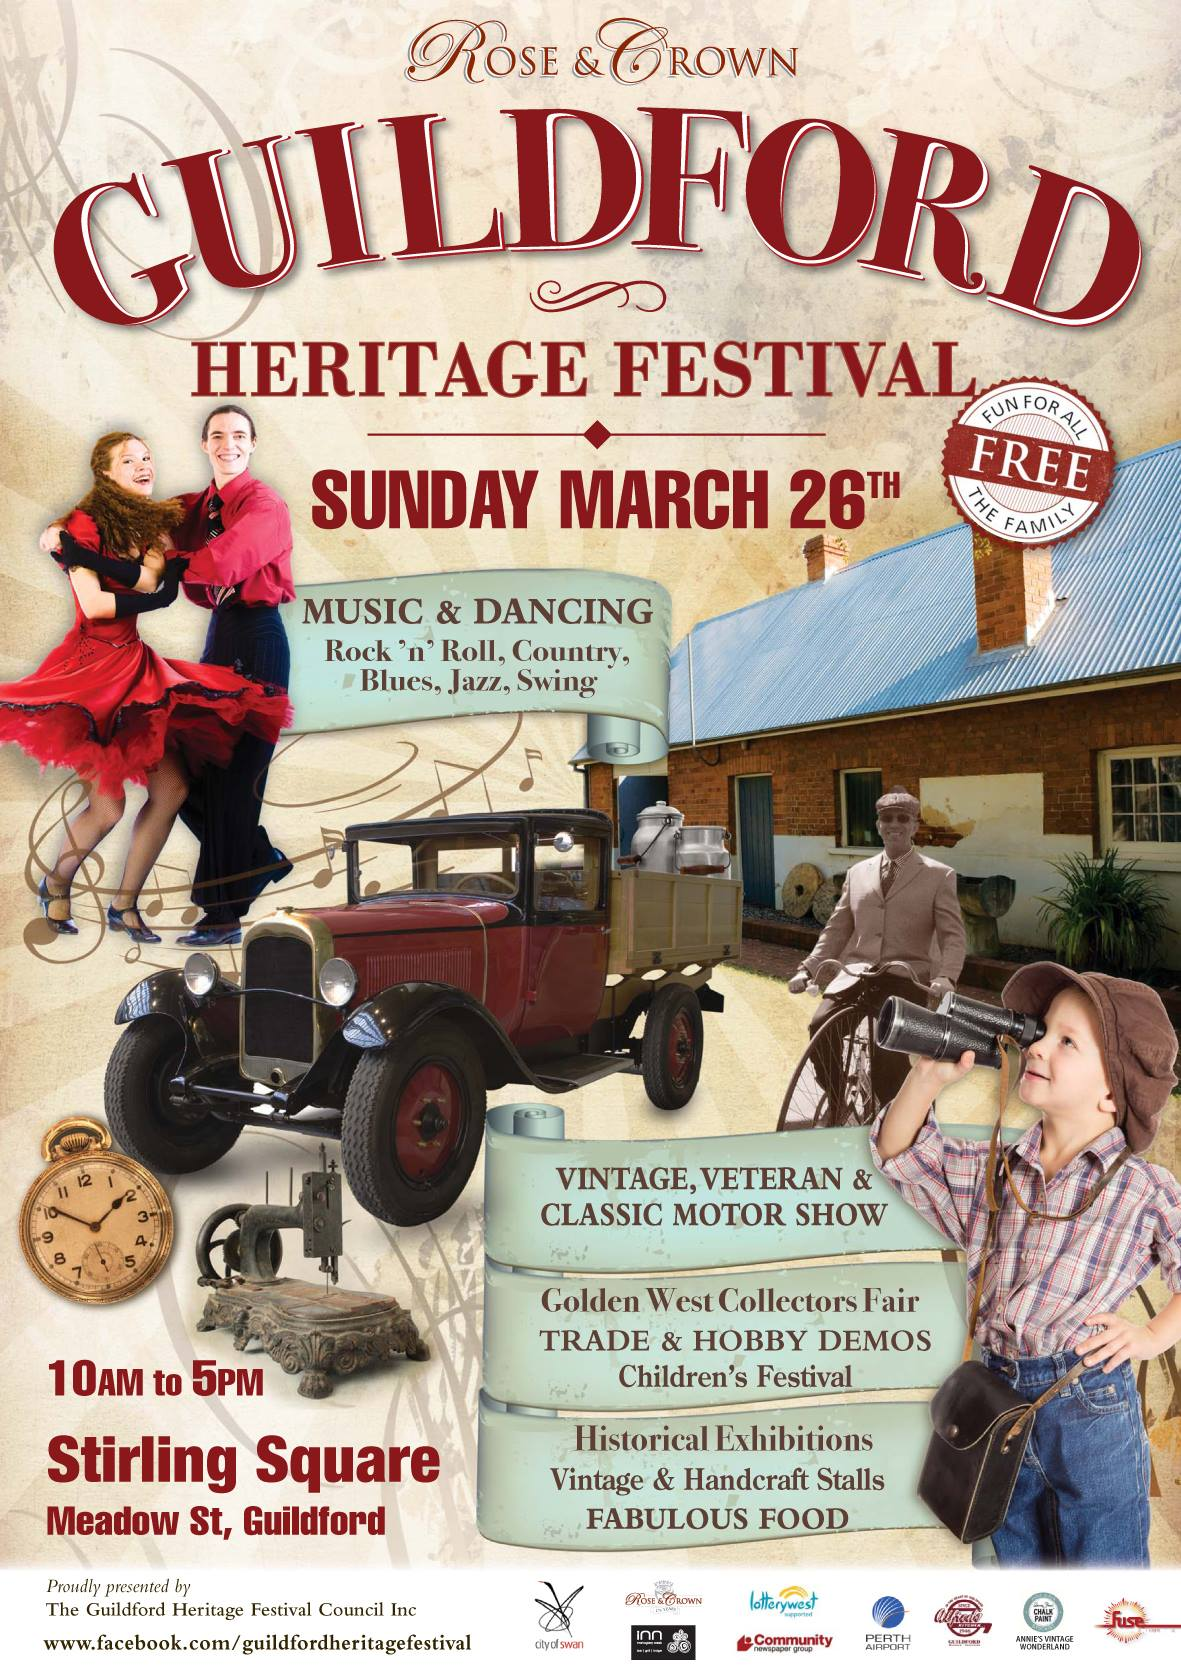 Guildford Heritage Festival @ Stirling Square, Guildford | Guildford | Western Australia | Australia